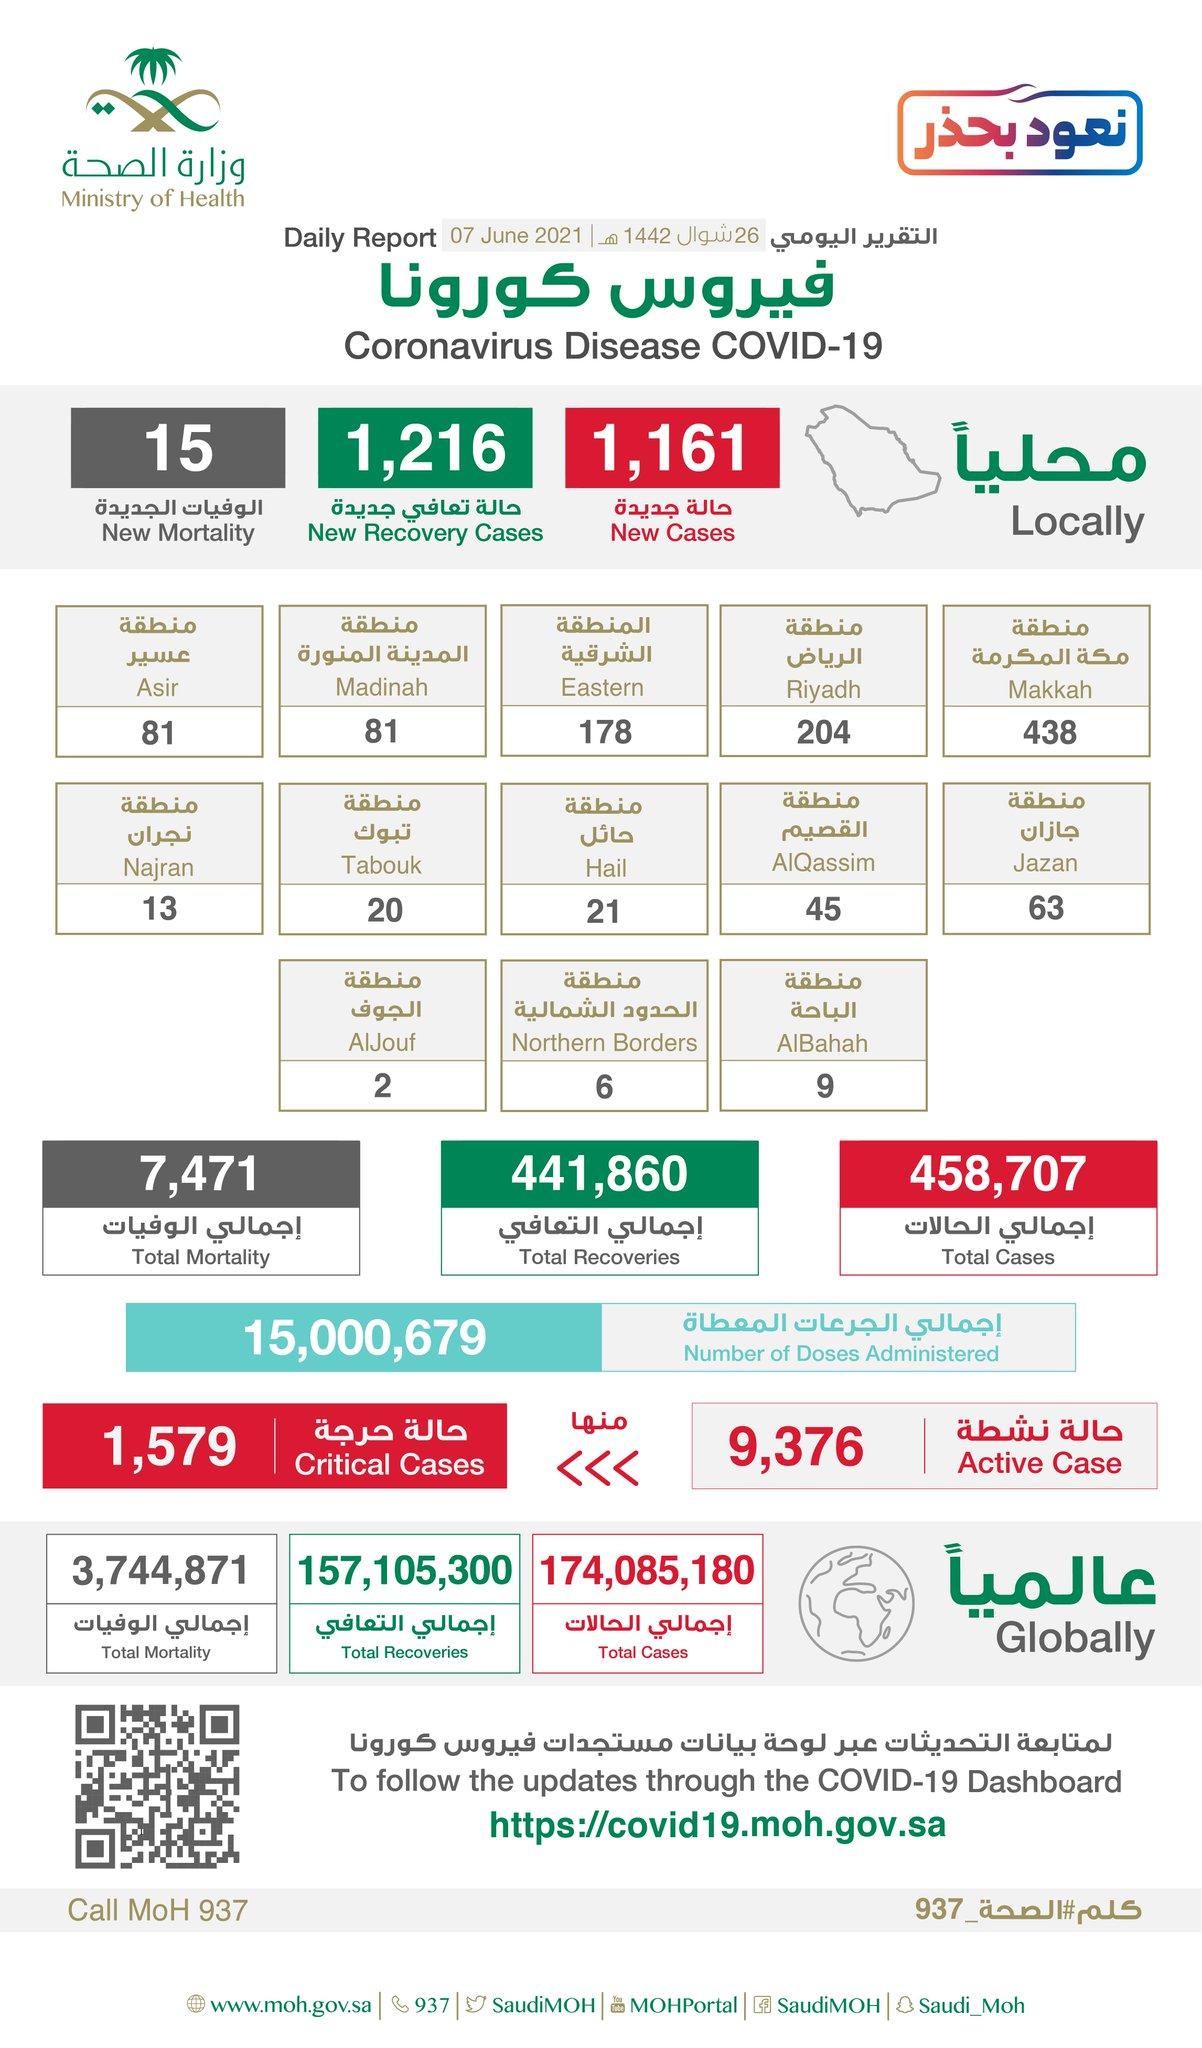 沙特单日新增确诊病例1161例 累计458707例